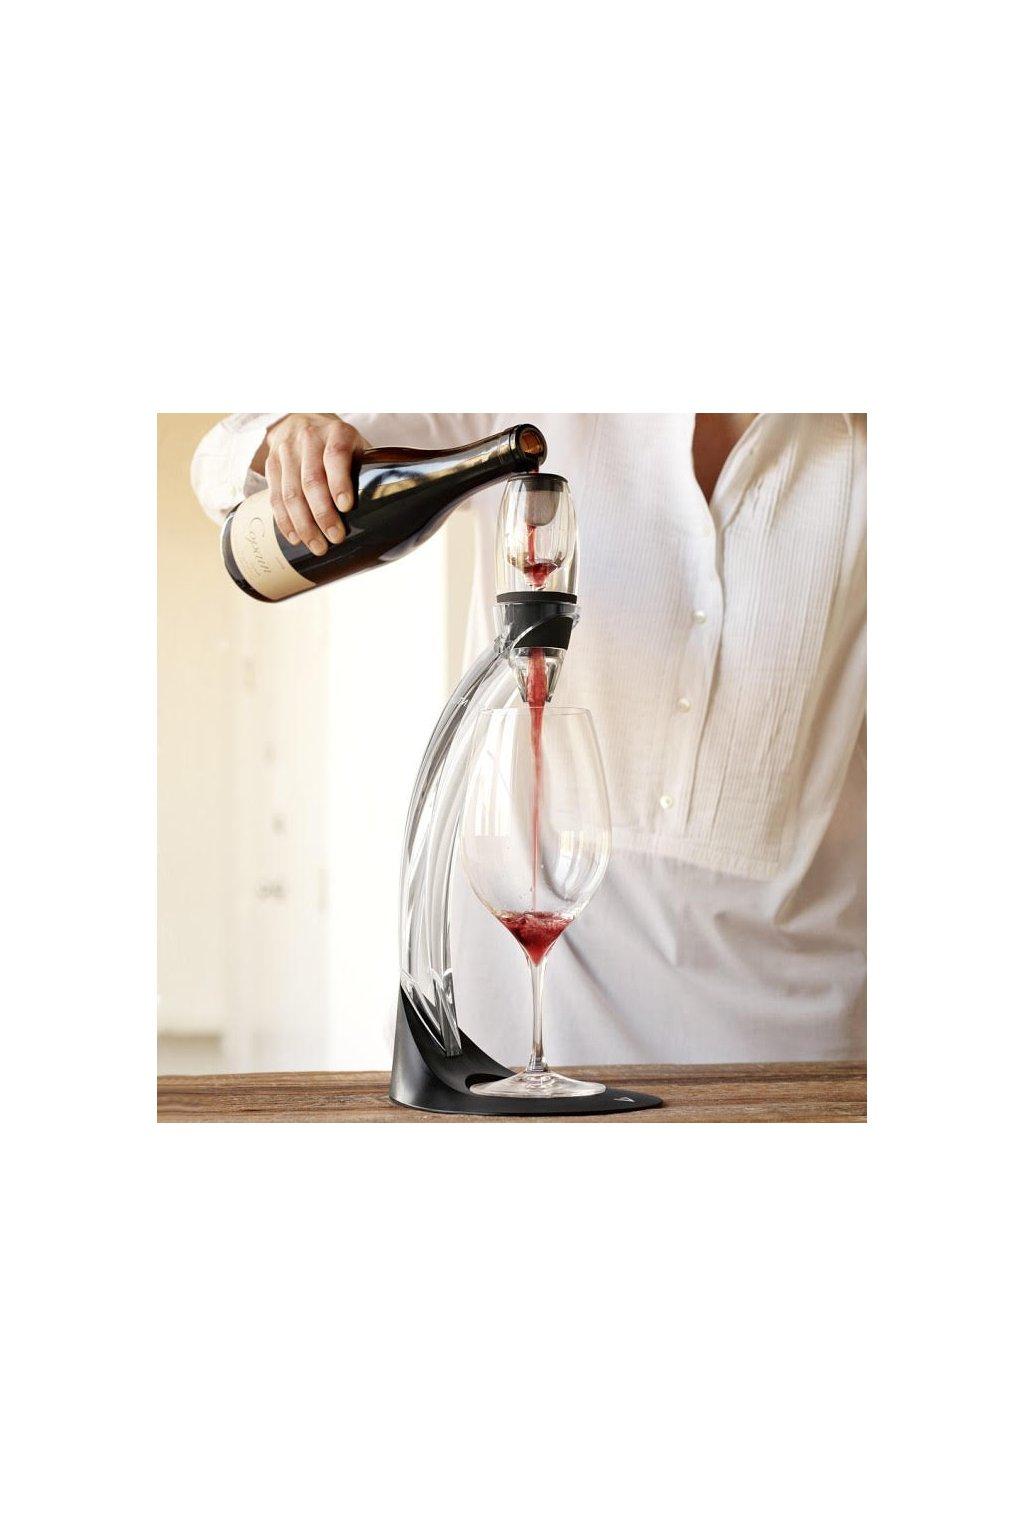 Magic wine decanter 2